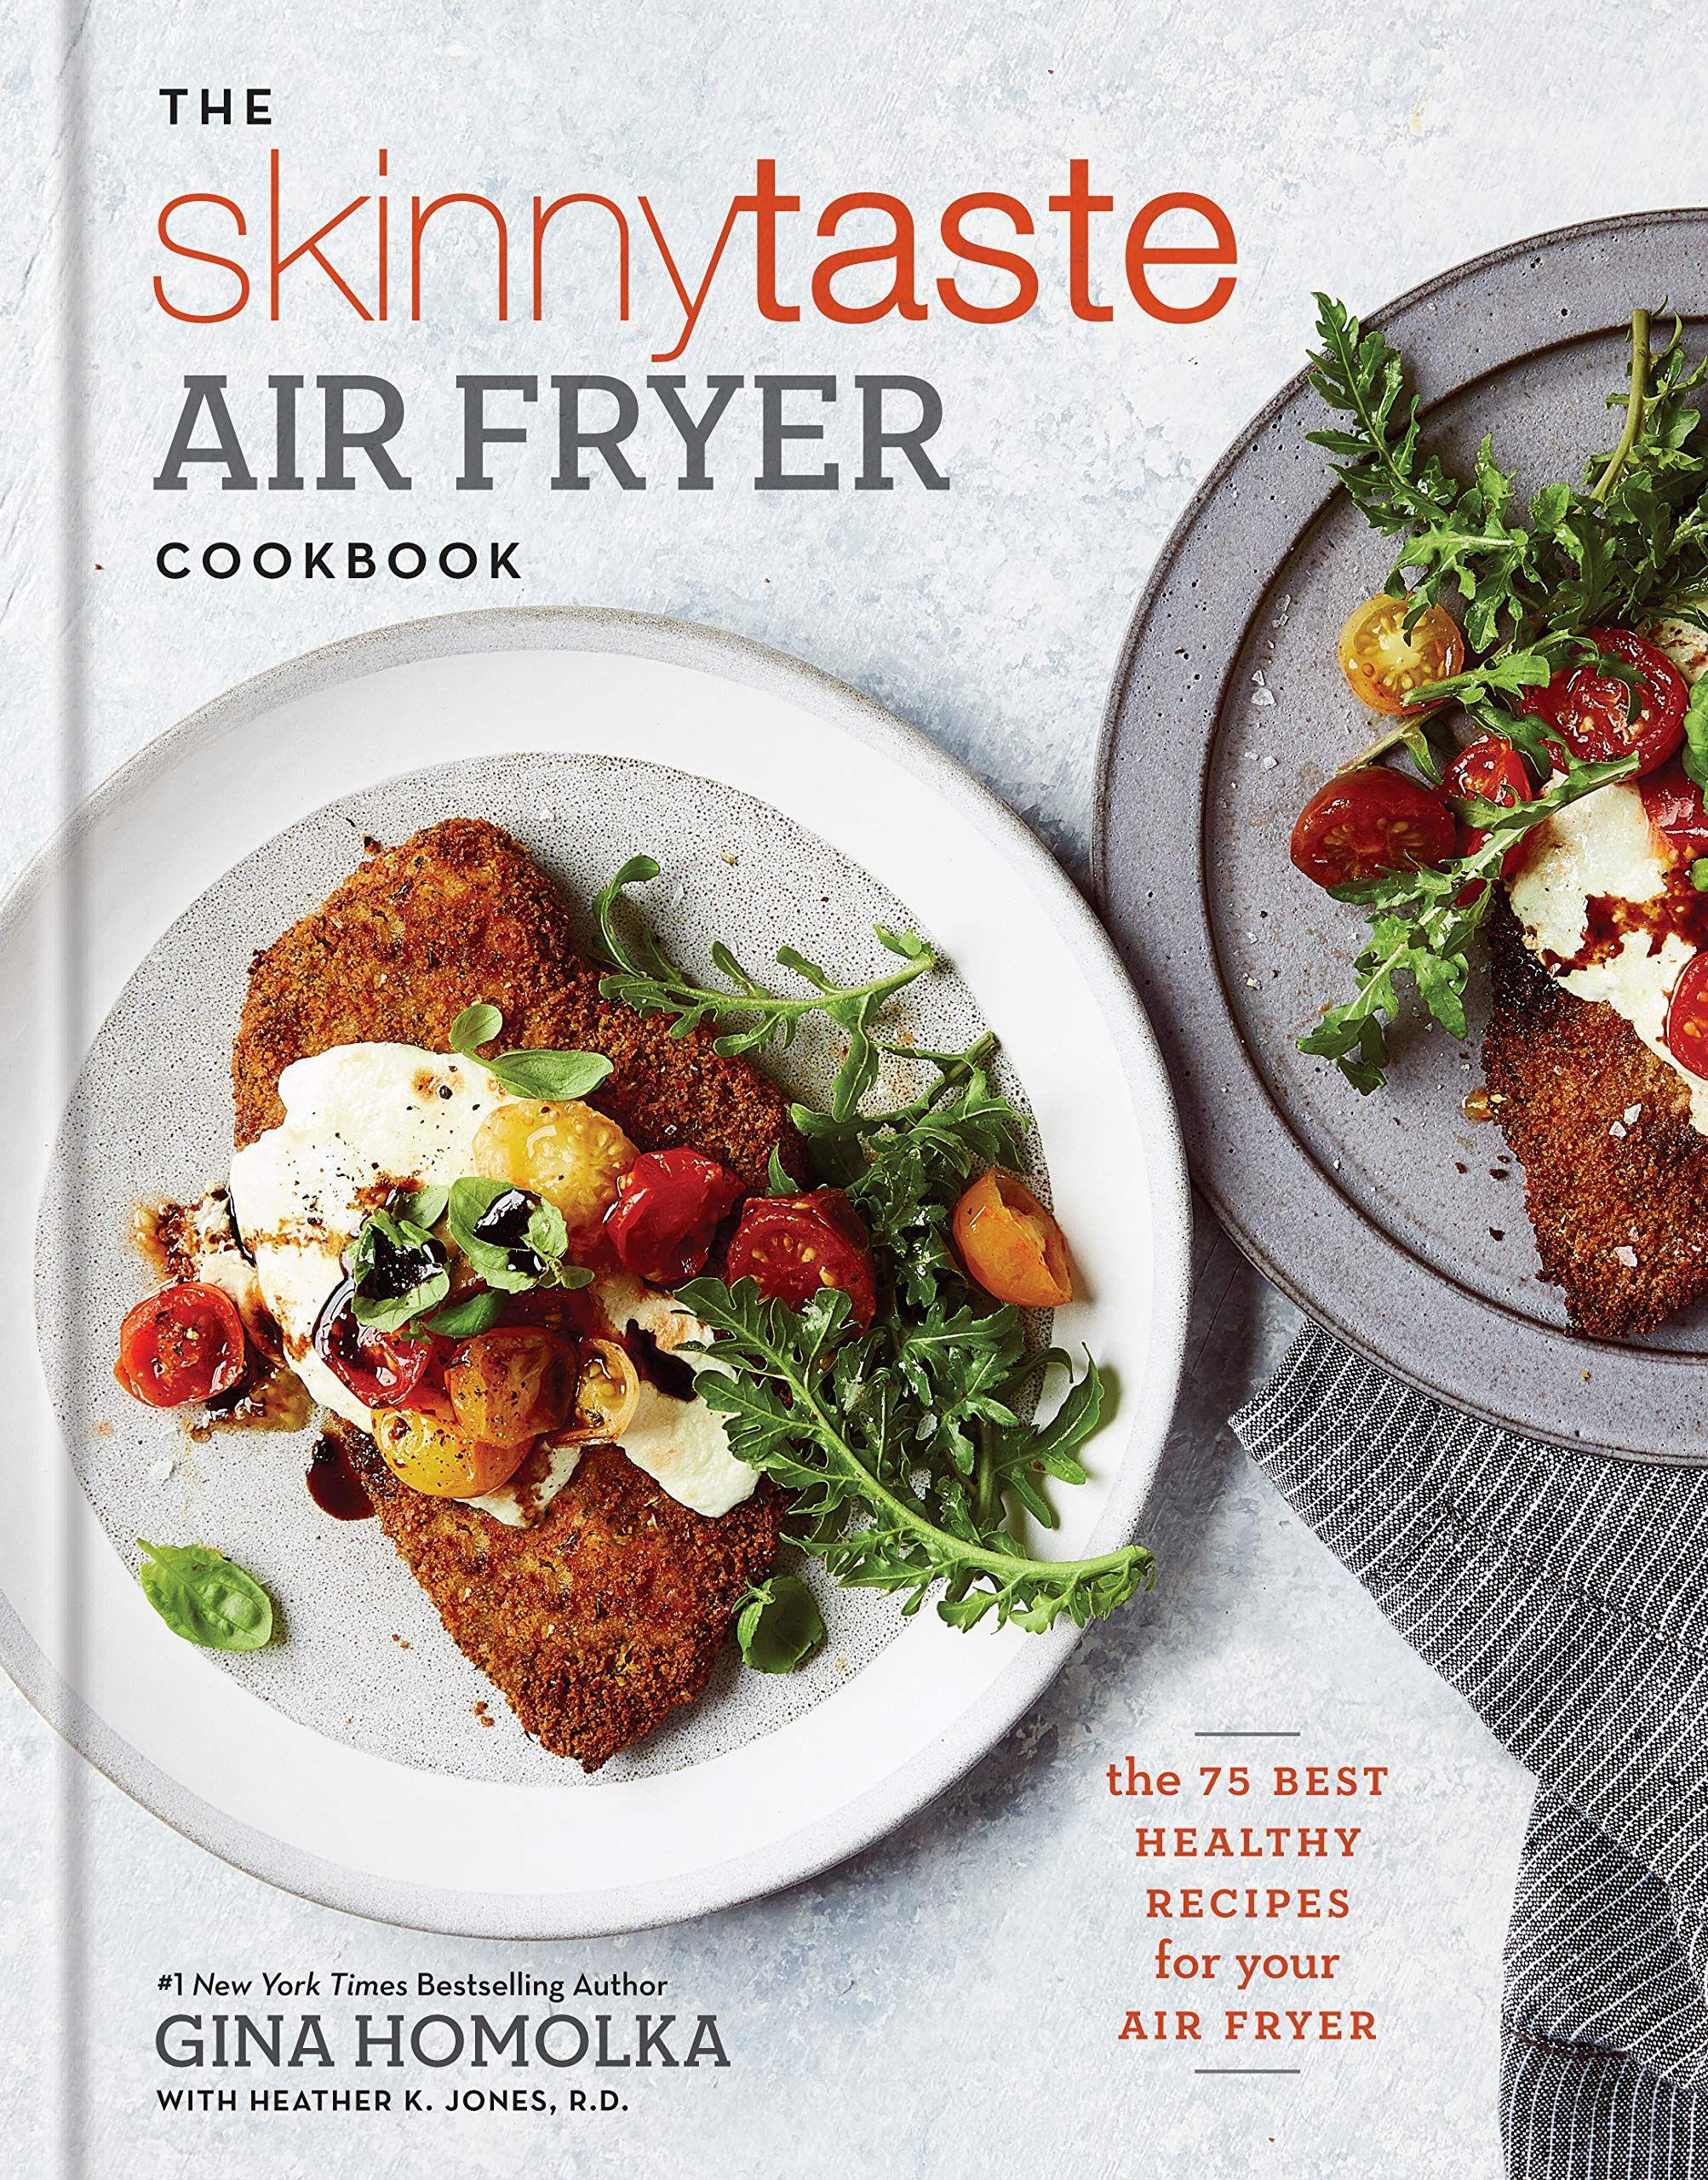 The Skinnytaste Air Fryer Cookbook The 75 Best Healthy